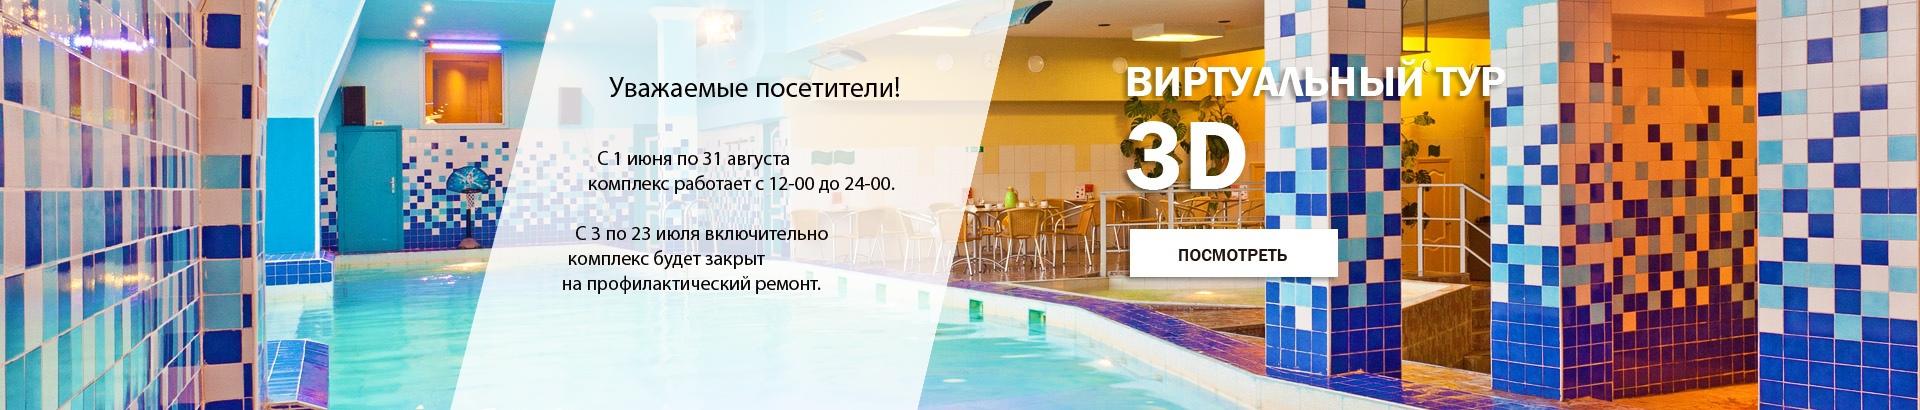 Как сделать перерасчет пенсии работающему пенсионеру украина